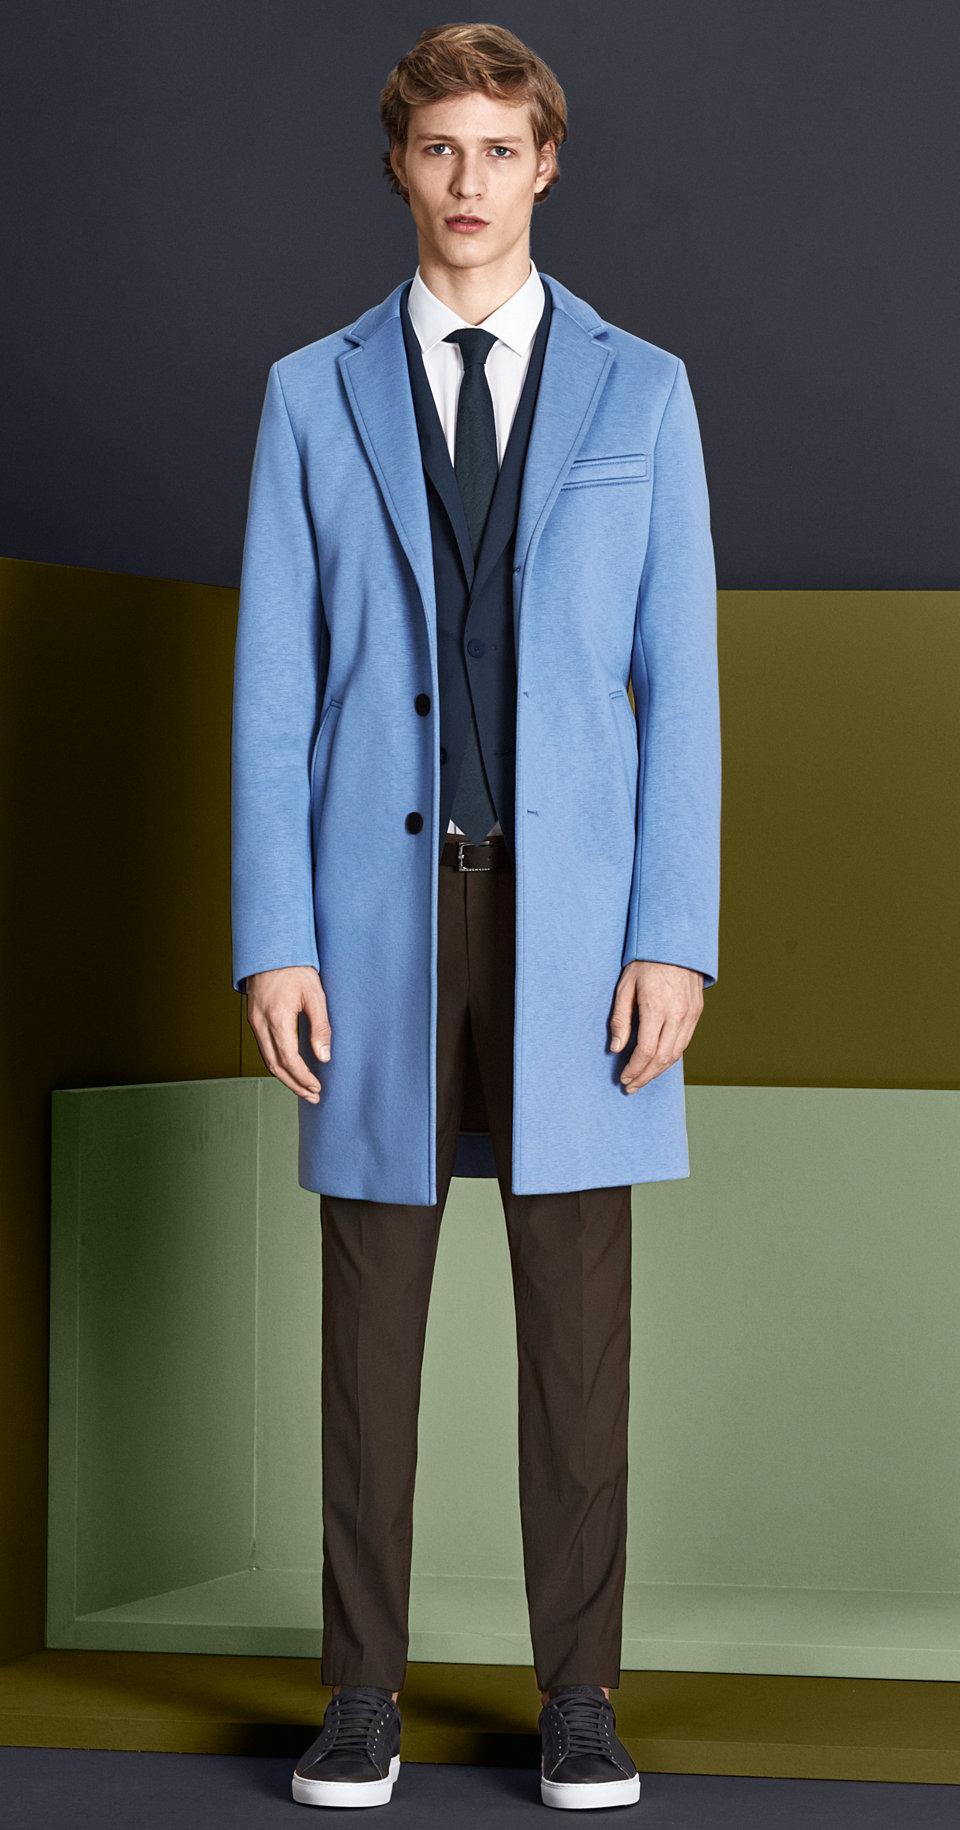 Mantel in Pastellblau, dunkelblaues Sakko, weißes Hemd, khakifarbene Hose mit dunkelblauer Krawatte, grünem Gürtel und grünen Schuhen von BOSS